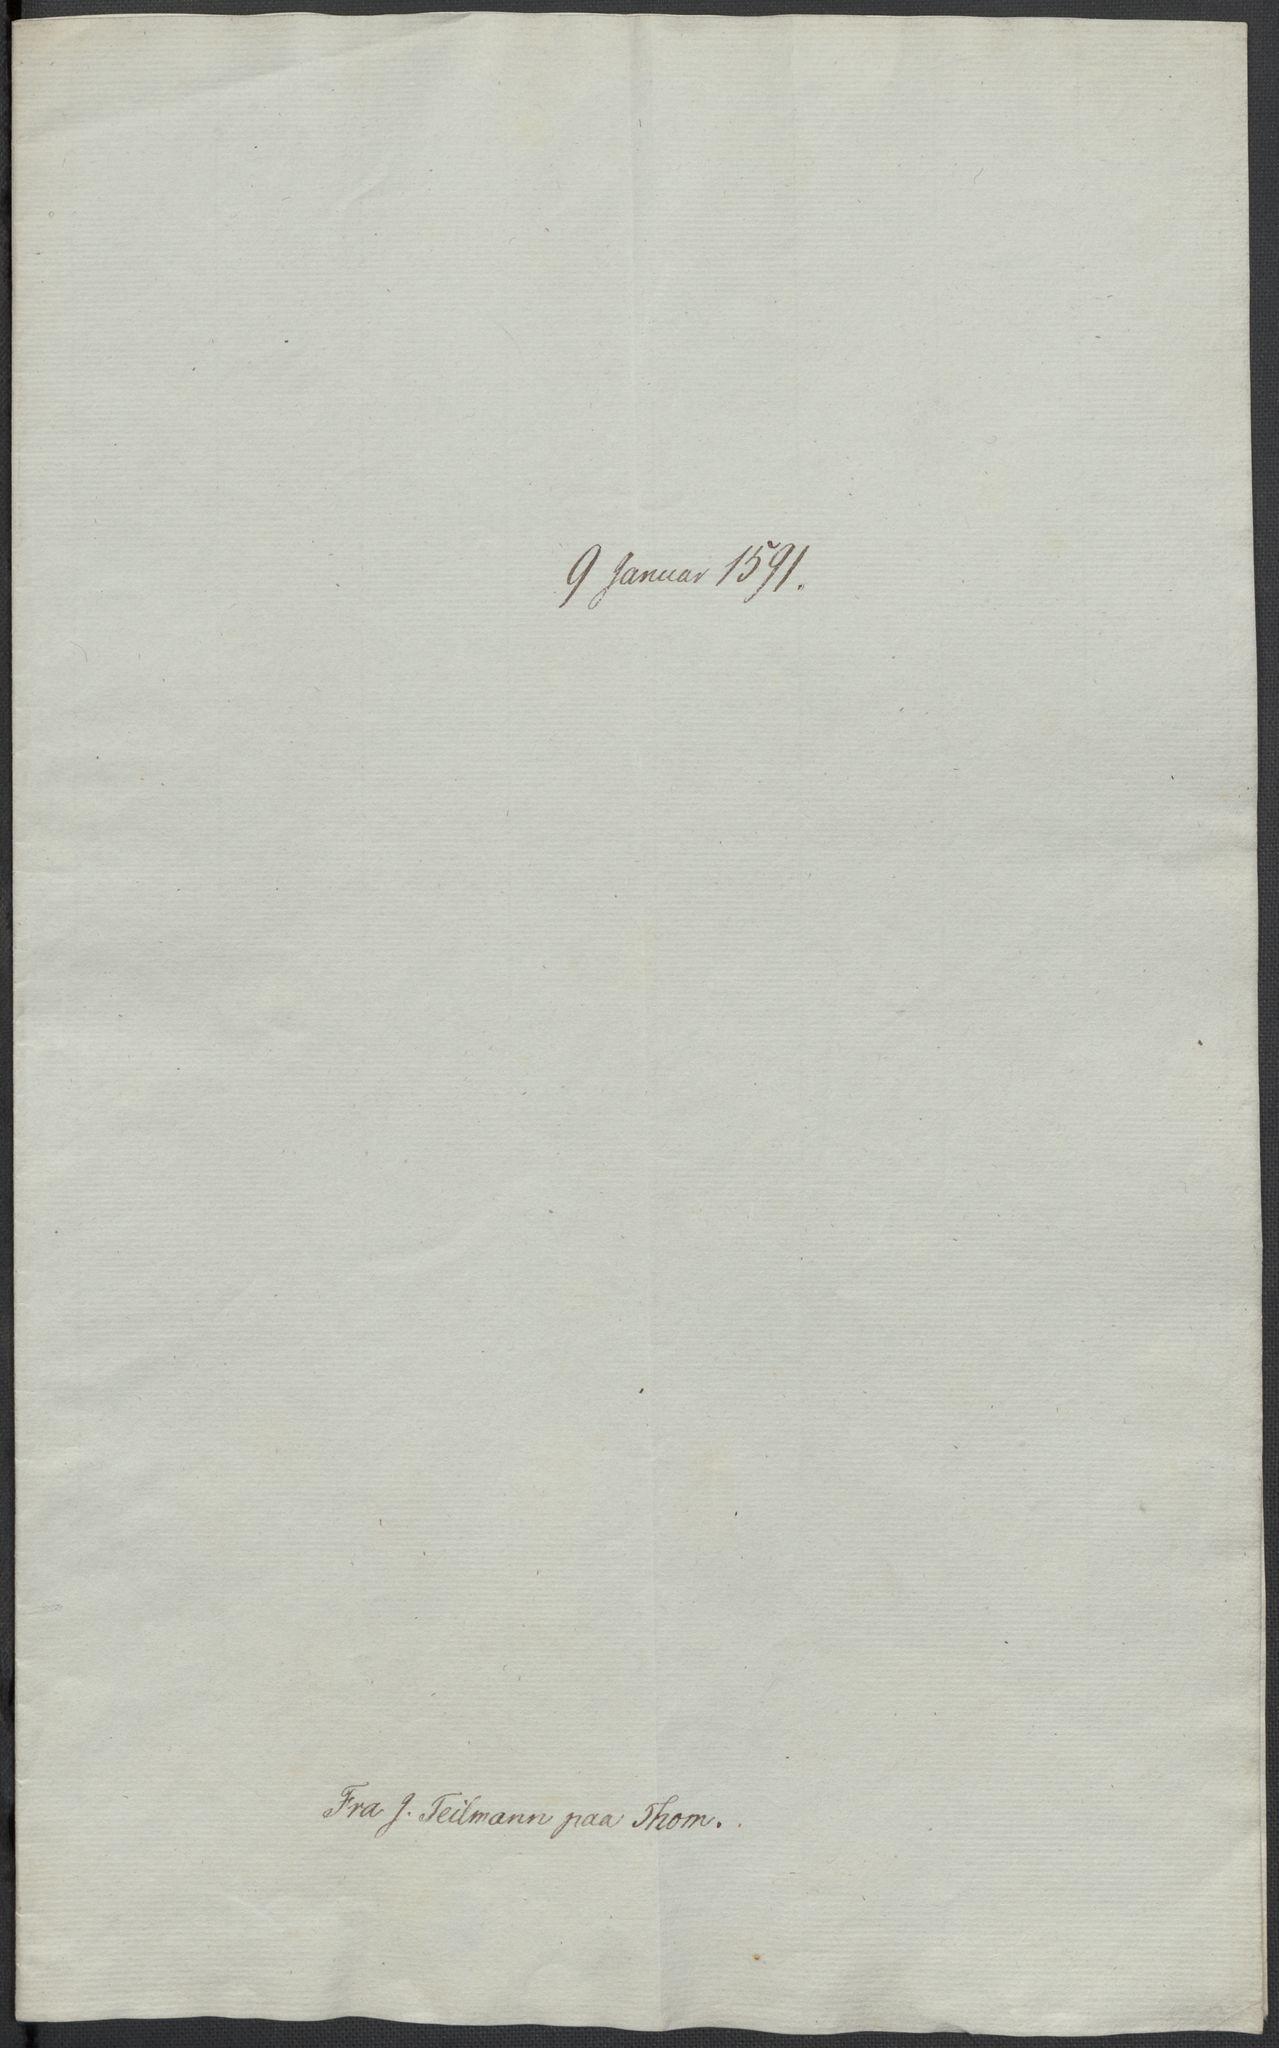 RA, Riksarkivets diplomsamling, F02/L0093: Dokumenter, 1591, s. 7